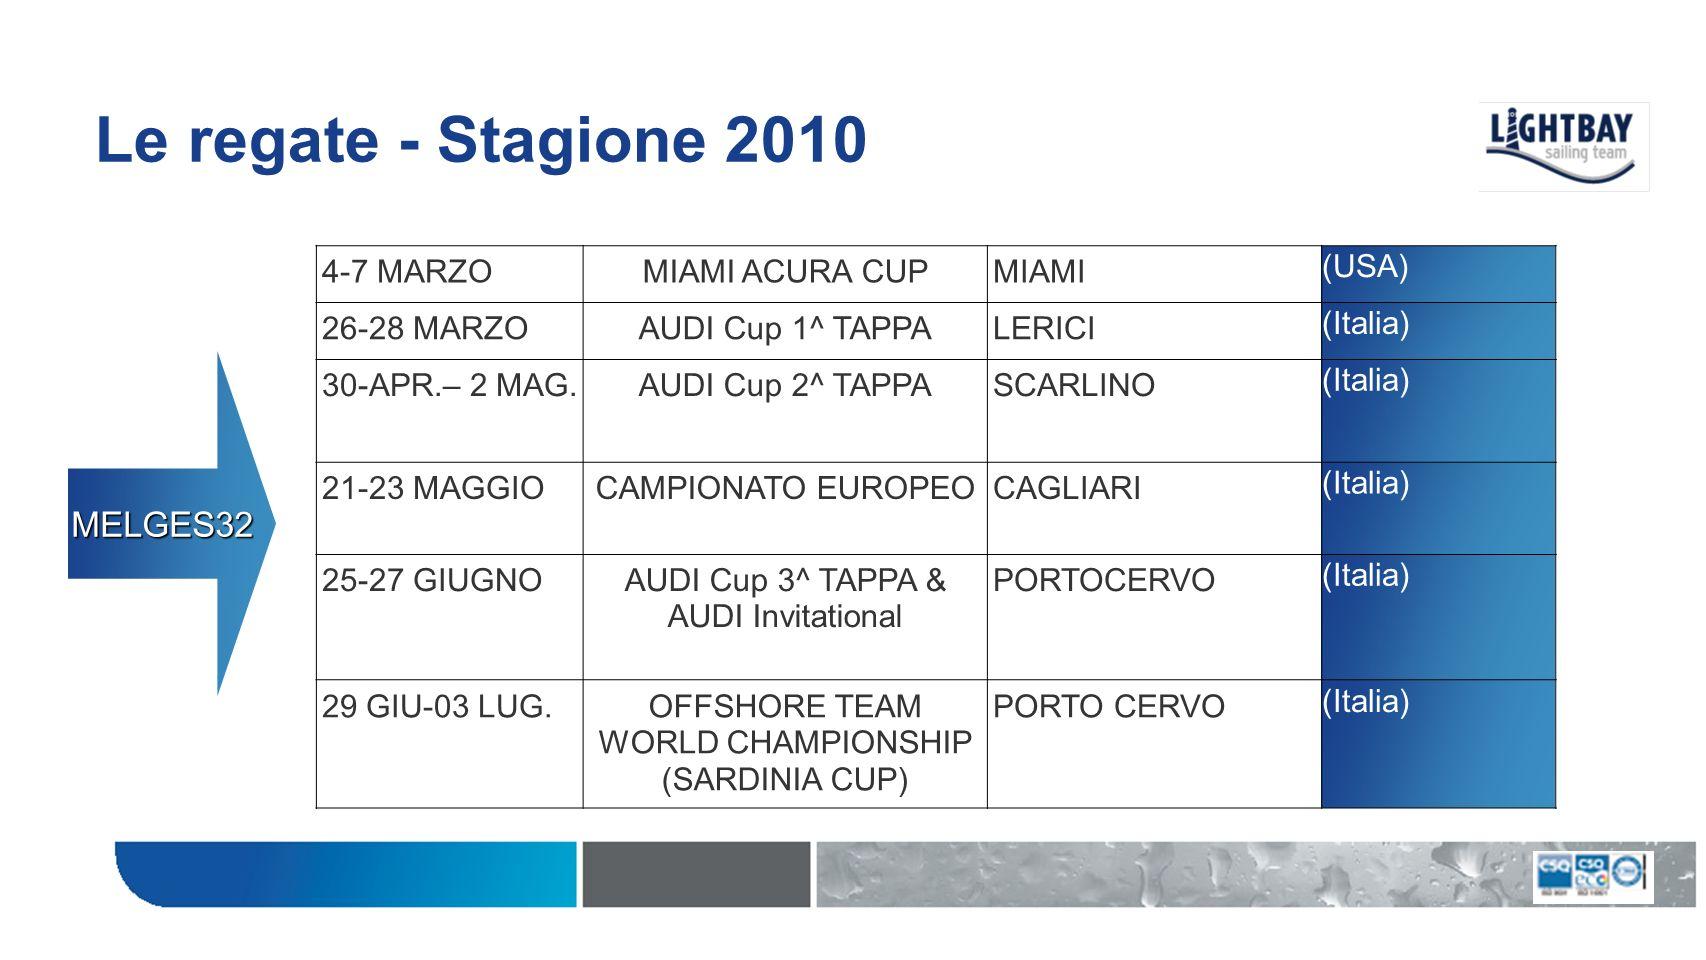 Le regate - Stagione 2010 26-29 MAGGIOROLEX CAPRI SAILING WEEKCAPRI (Italia) 25-27 GIUGNOAUDI INVITATIONALPORTO CERVO (Italia) 29 GIU-03 LUG.OFFSHORE TEAM WORLD CHAMPIONSHIP (SARDINIA CUP) PORTO CERVO (Italia) 25-29 AGOSTOFARR40 CUPCAGLIARI (Italia) 29 SETT.-03 OTTFARR40 EUROPEAN CHAMPIONSHIP DUBROVNICK (Croazia) FARR40* * il calendario potrebbe subire modifiche